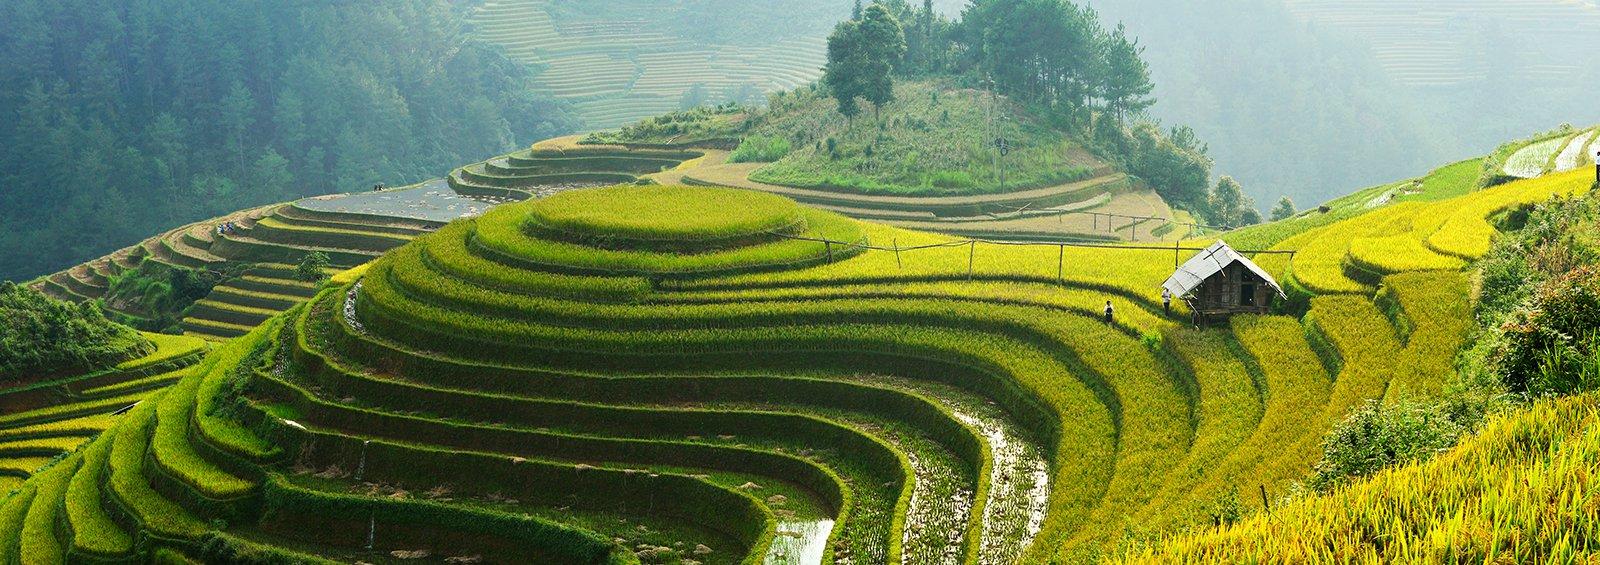 6 Most Interesting Vietnam Blogs Written For Expats